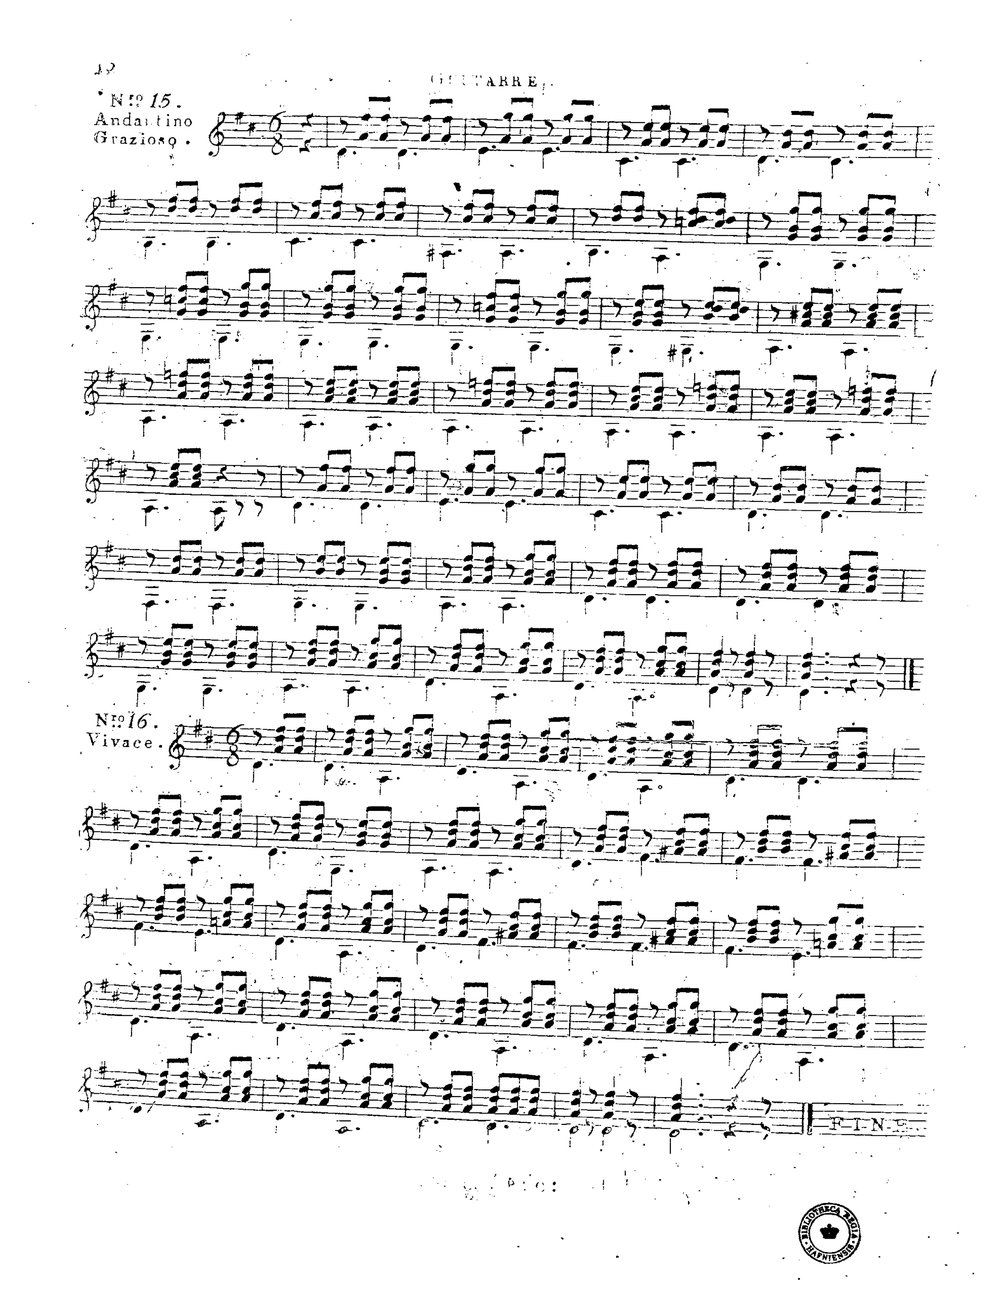 16 Pièces faciles et agréables, Op.74 (Giuliani, Mauro) 11.jpg